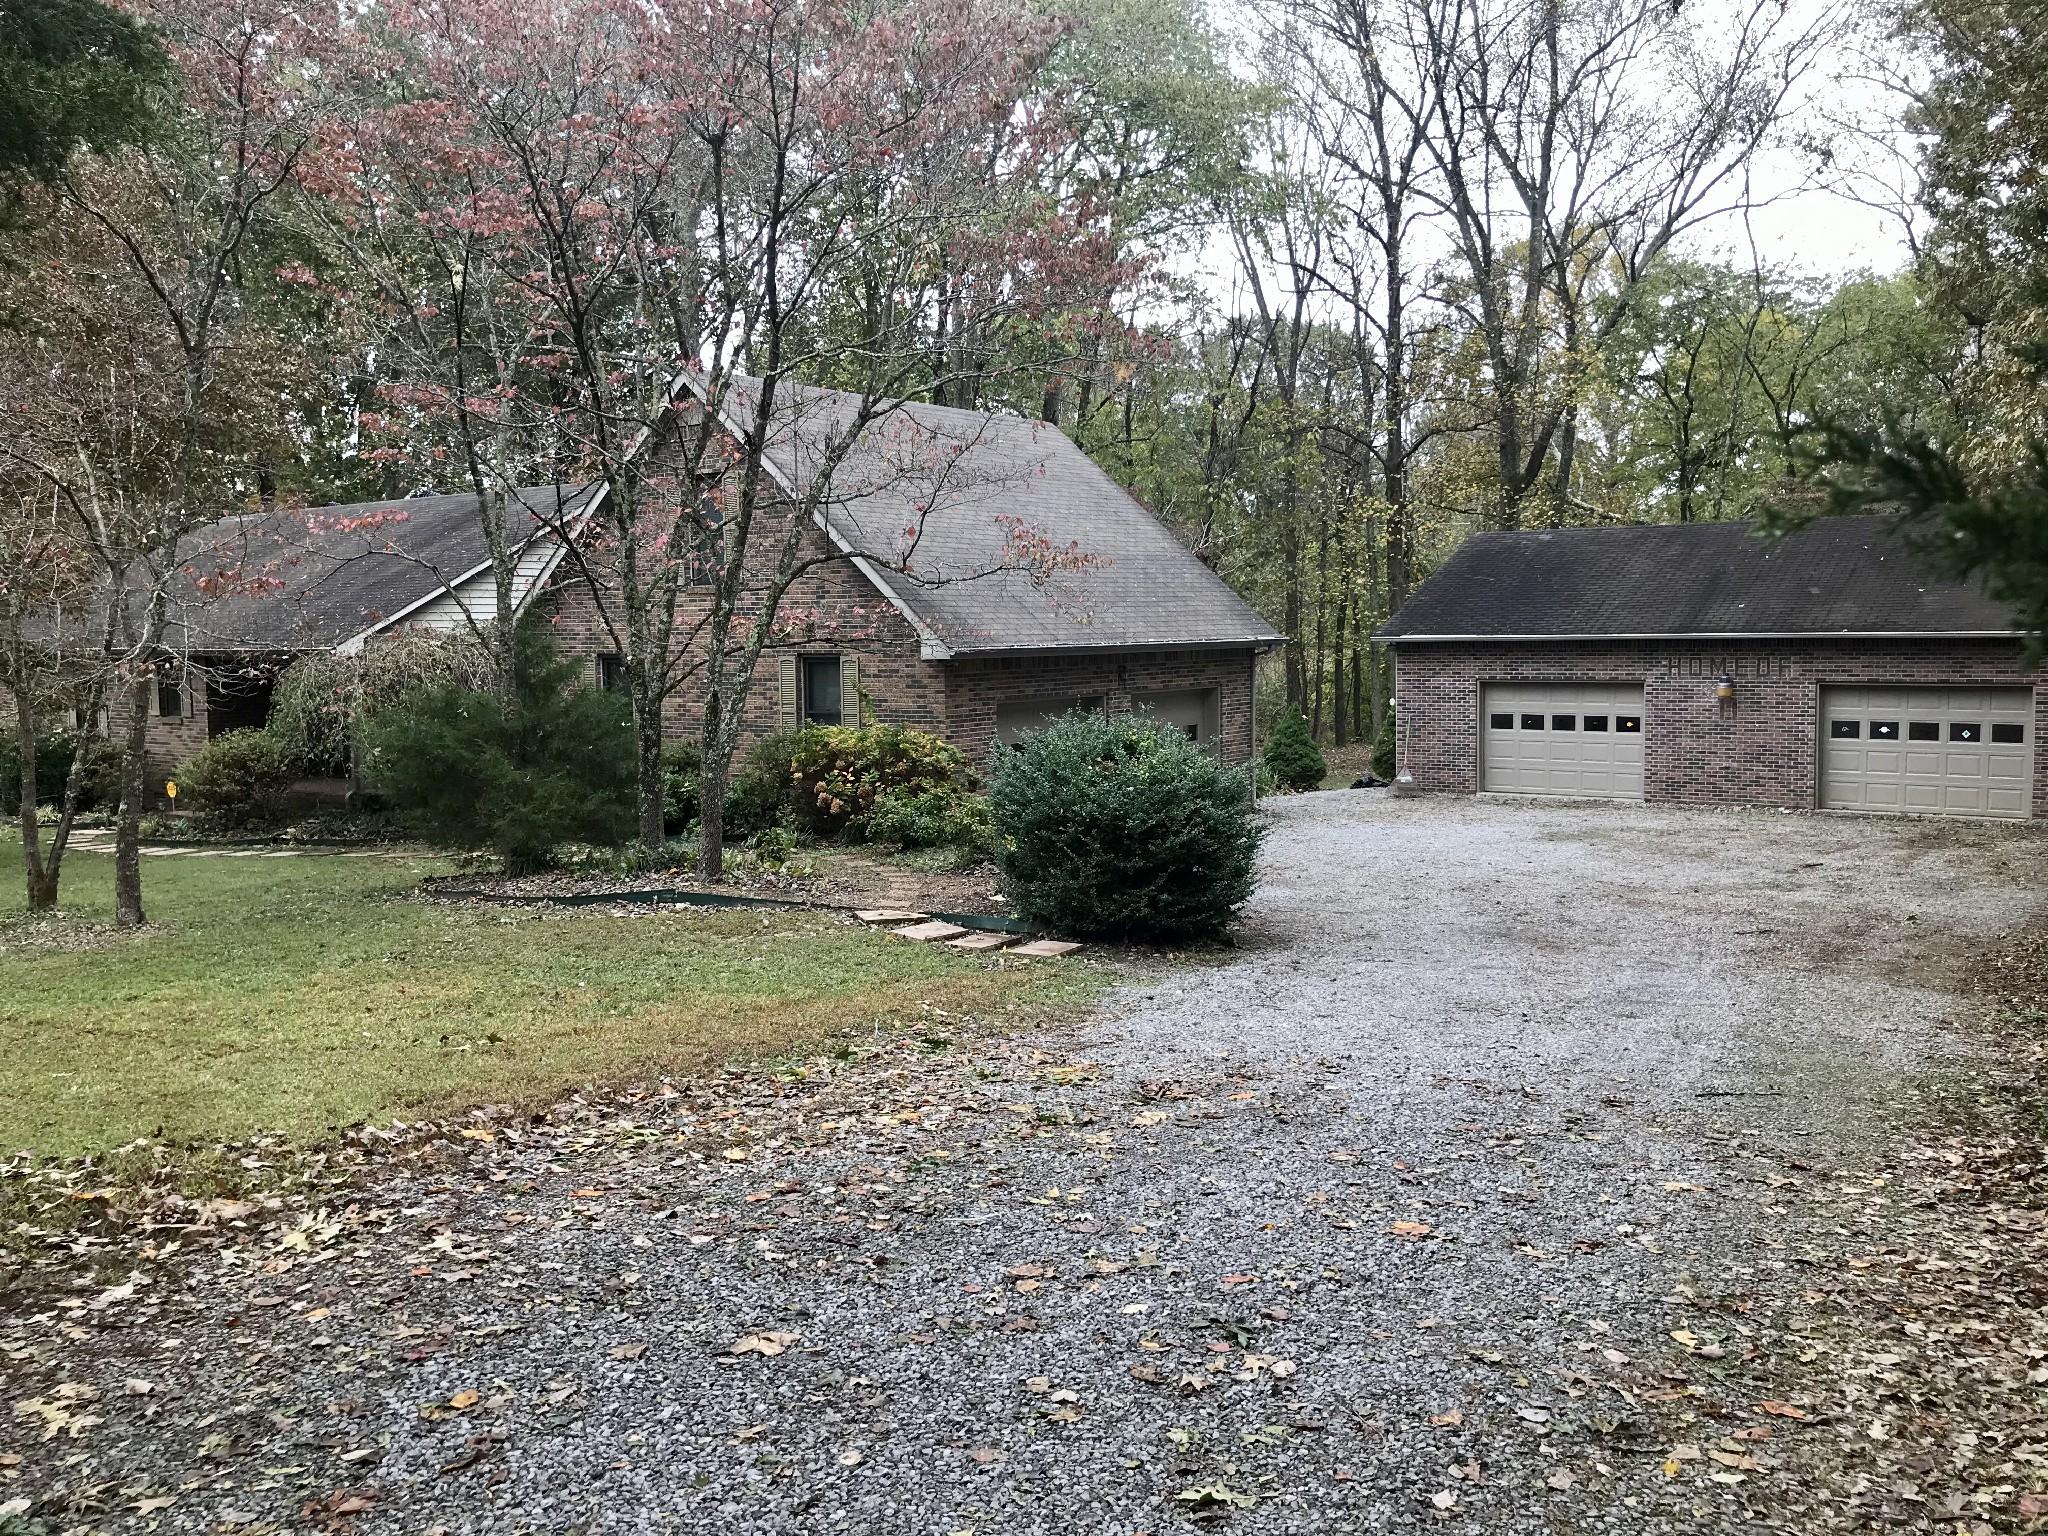 2190 Happy Hills Acre Rd, Woodlawn, TN 37191 - Woodlawn, TN real estate listing